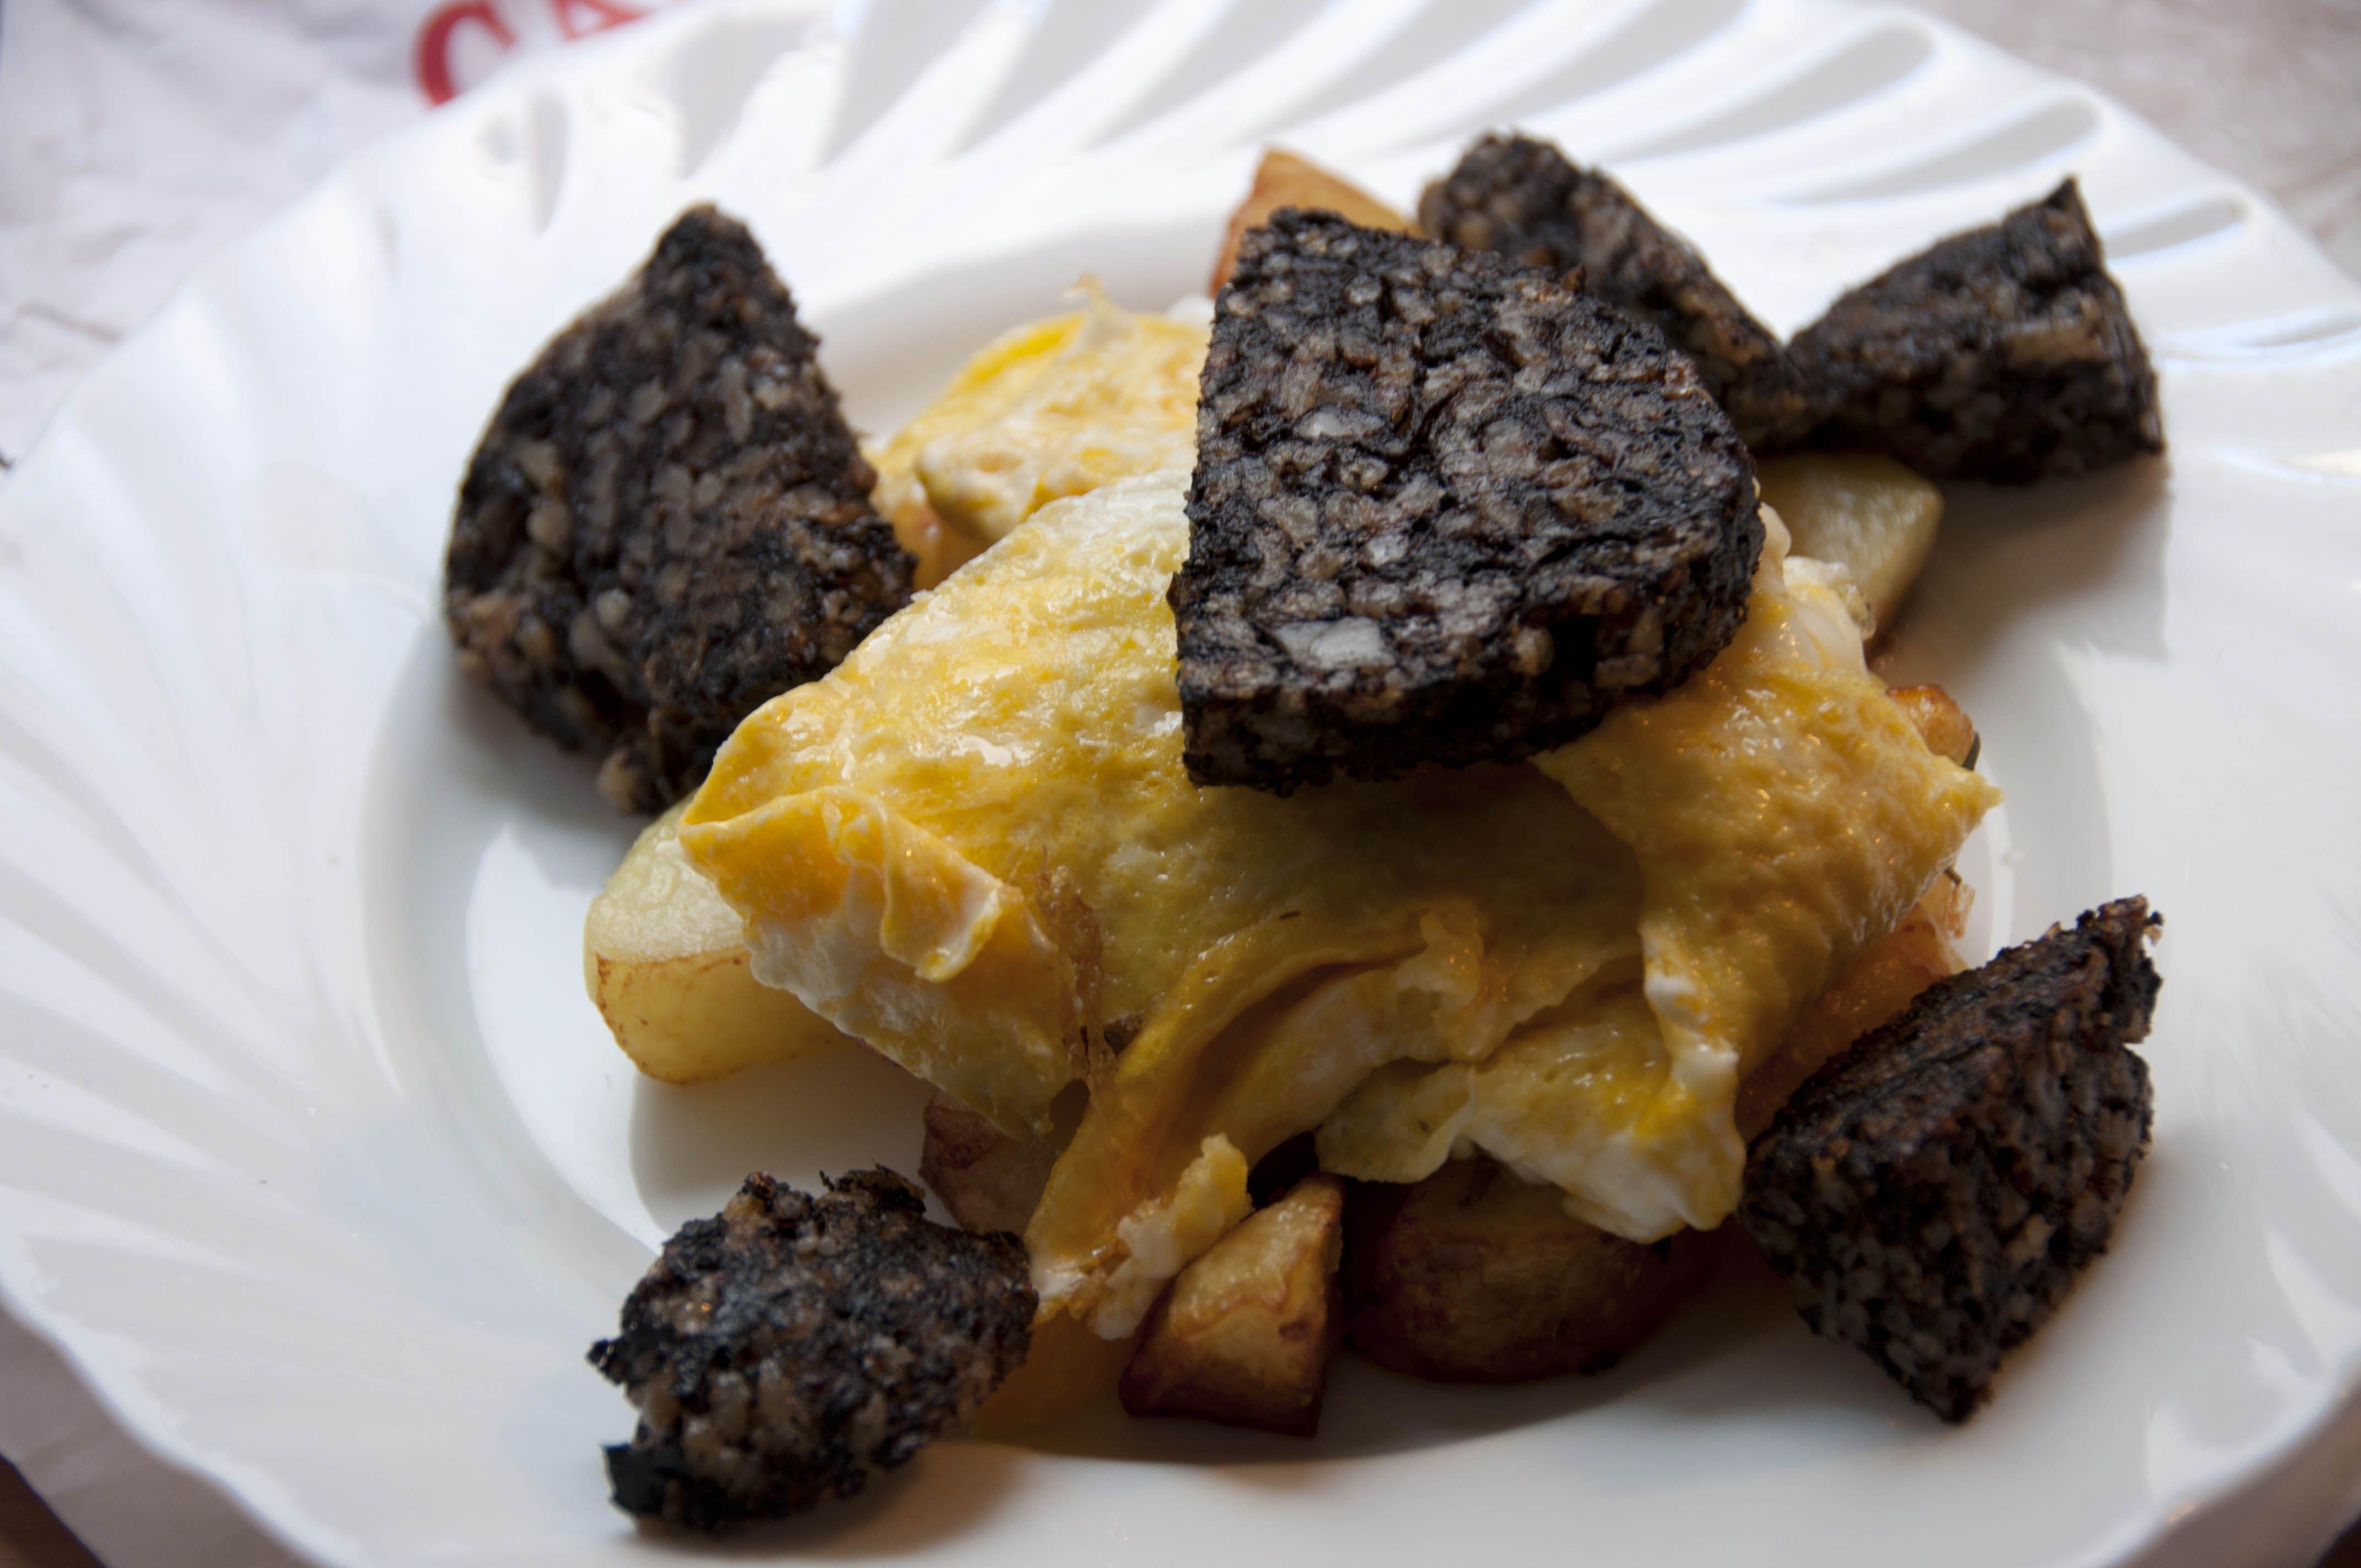 image Desayuno con morcilla huevos y leche